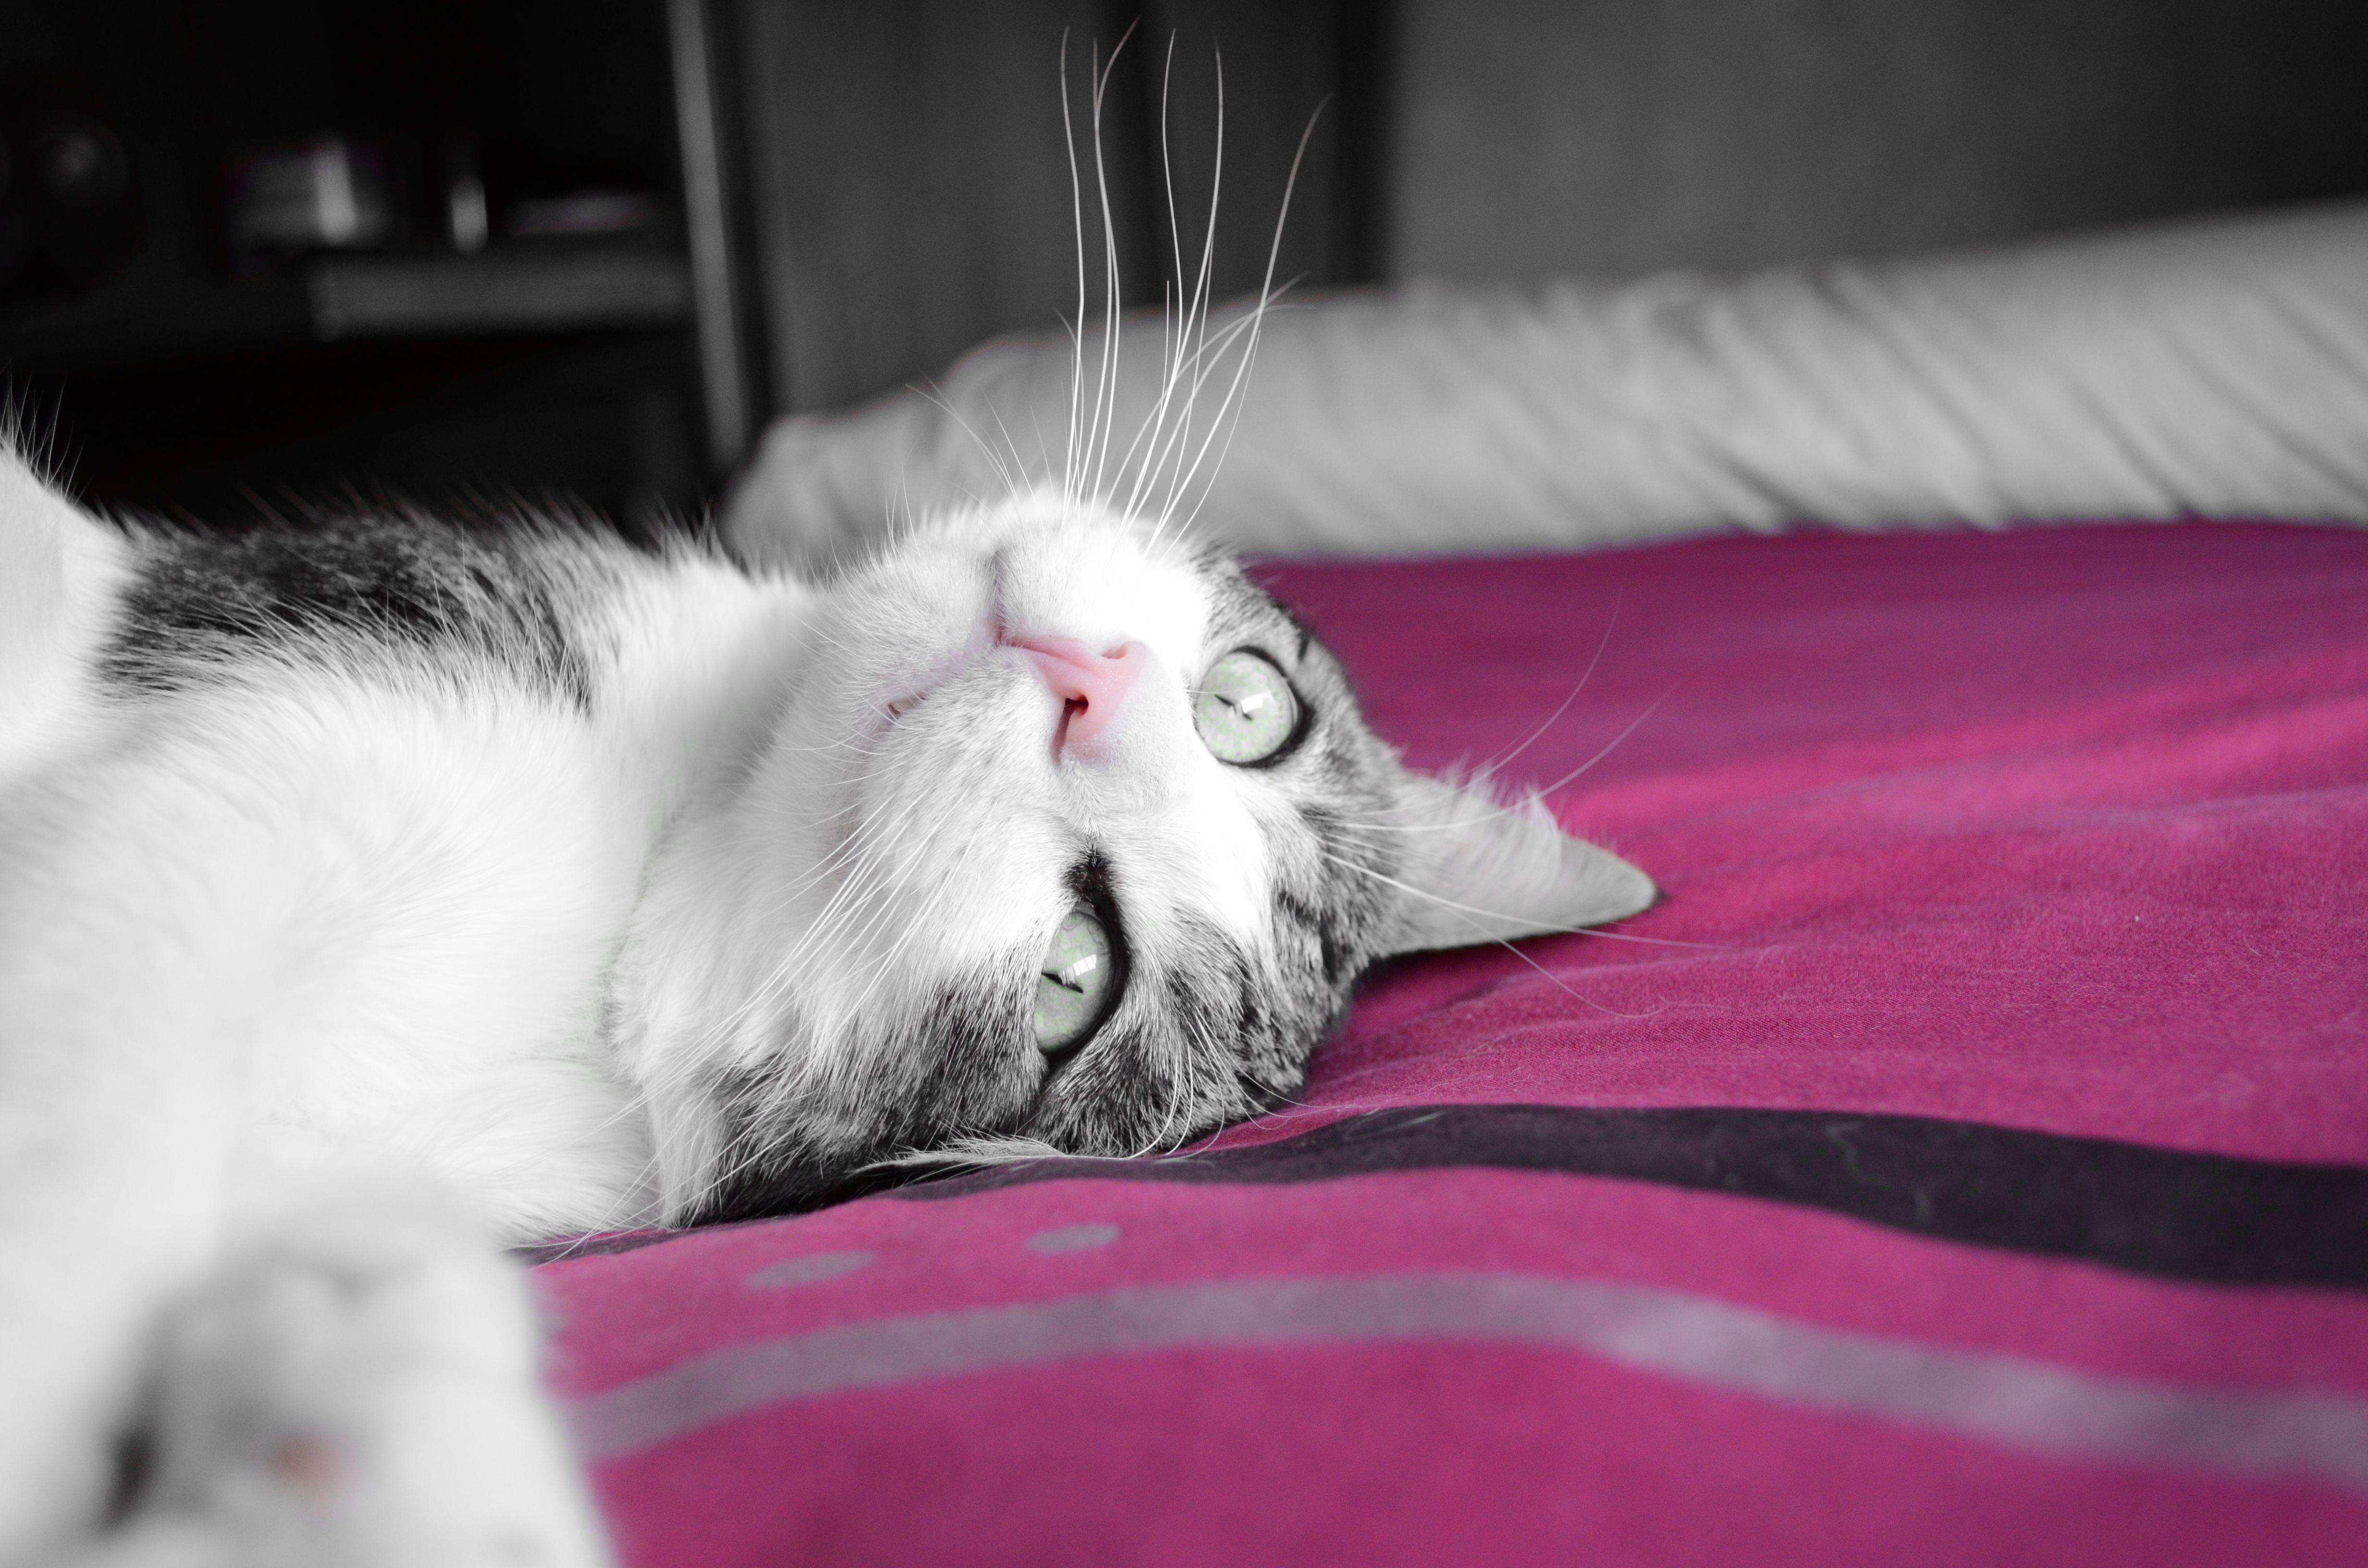 Mon petite chat